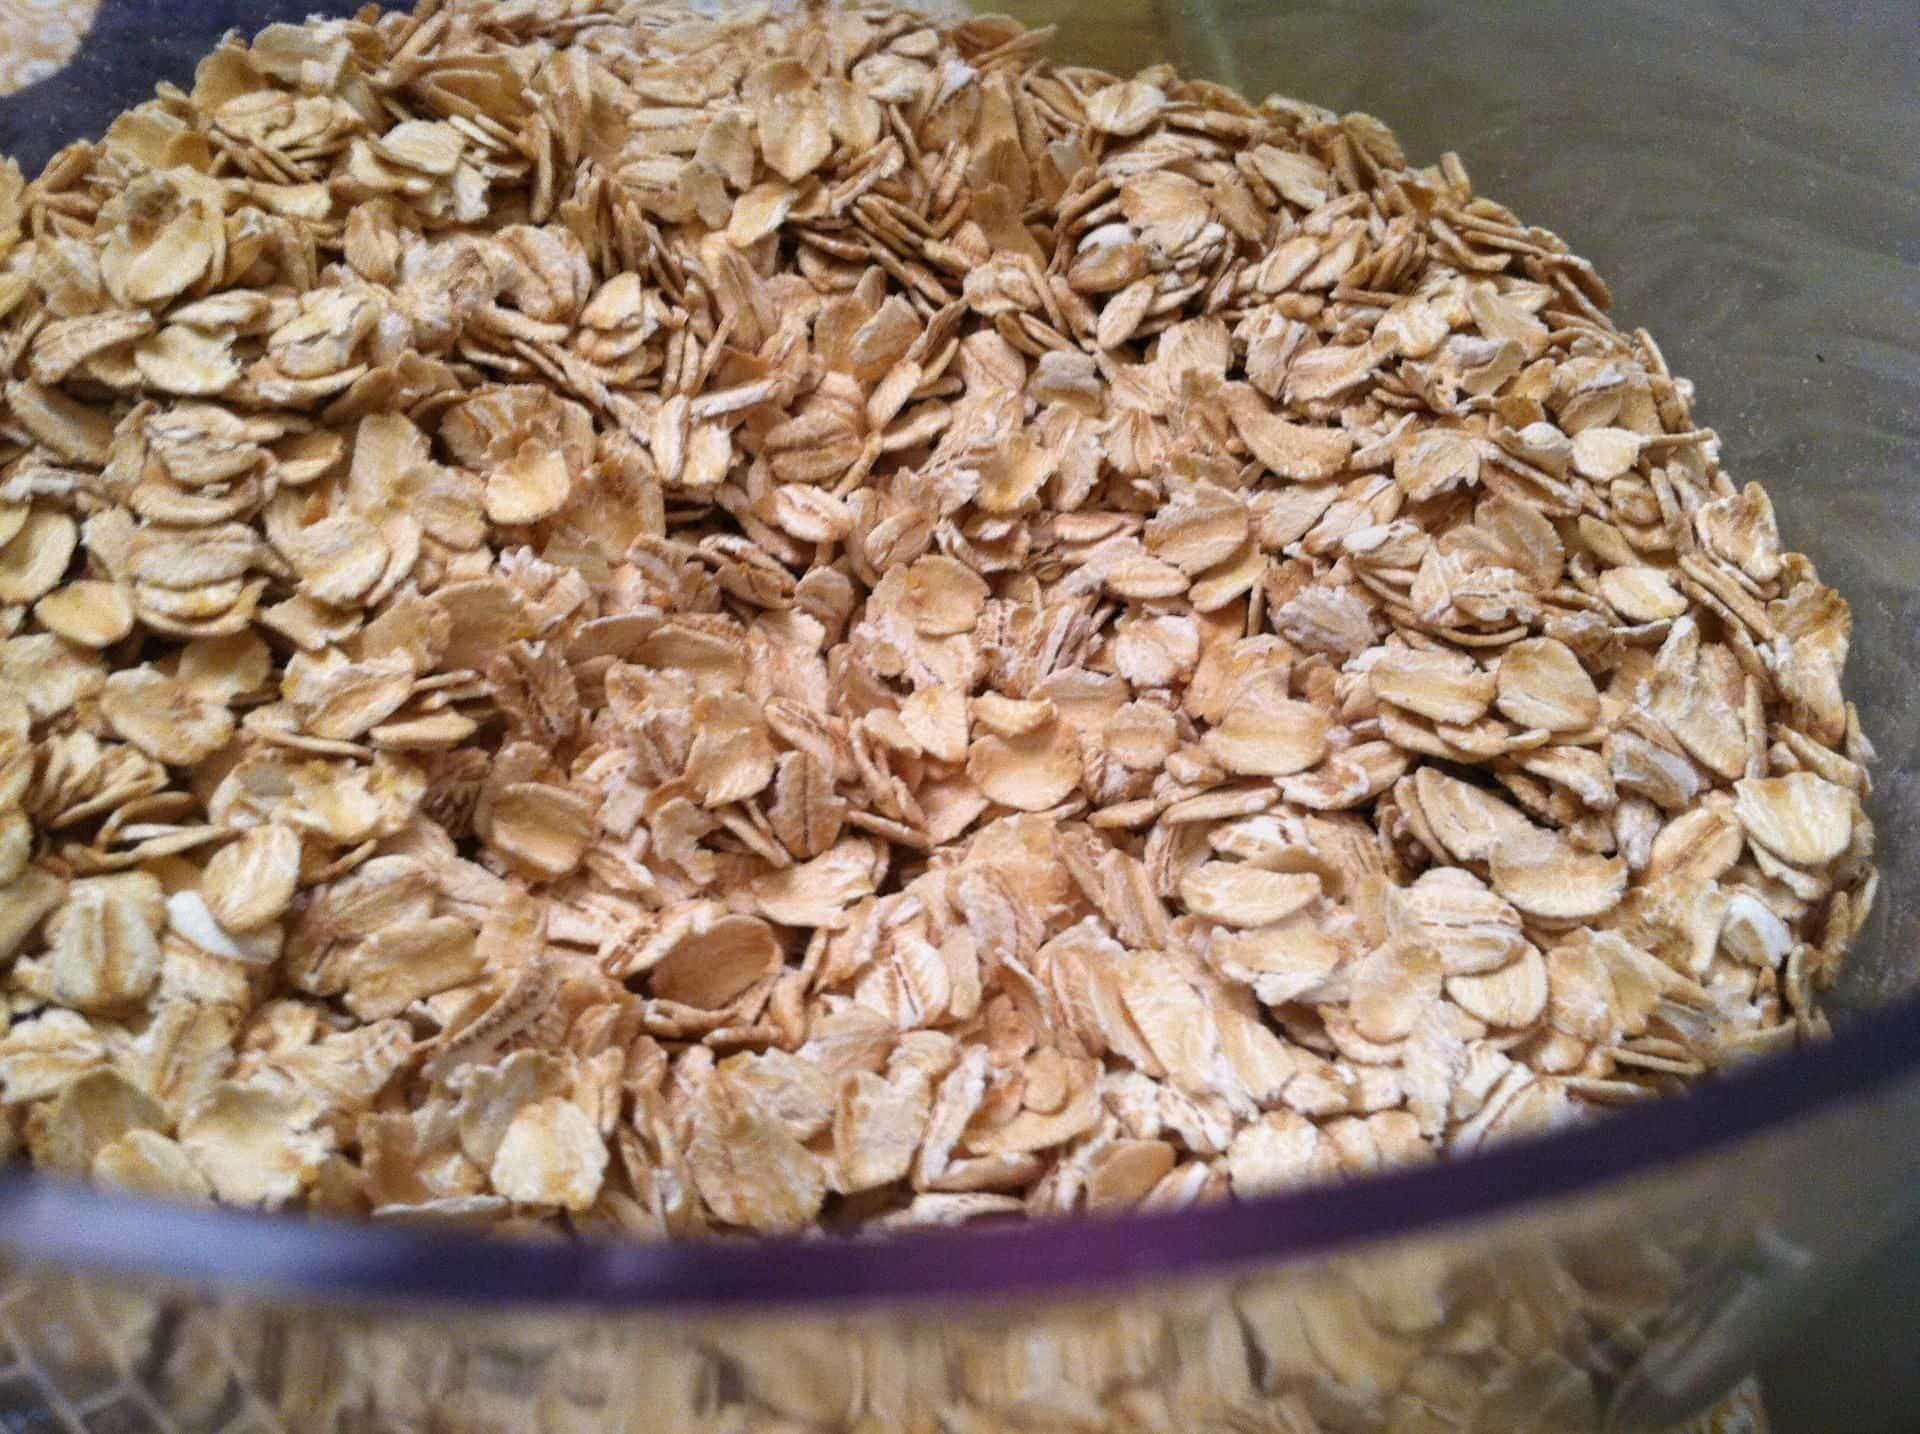 oats dream meaning, dream about oats, oats dream interpretation, seeing in a dream oats